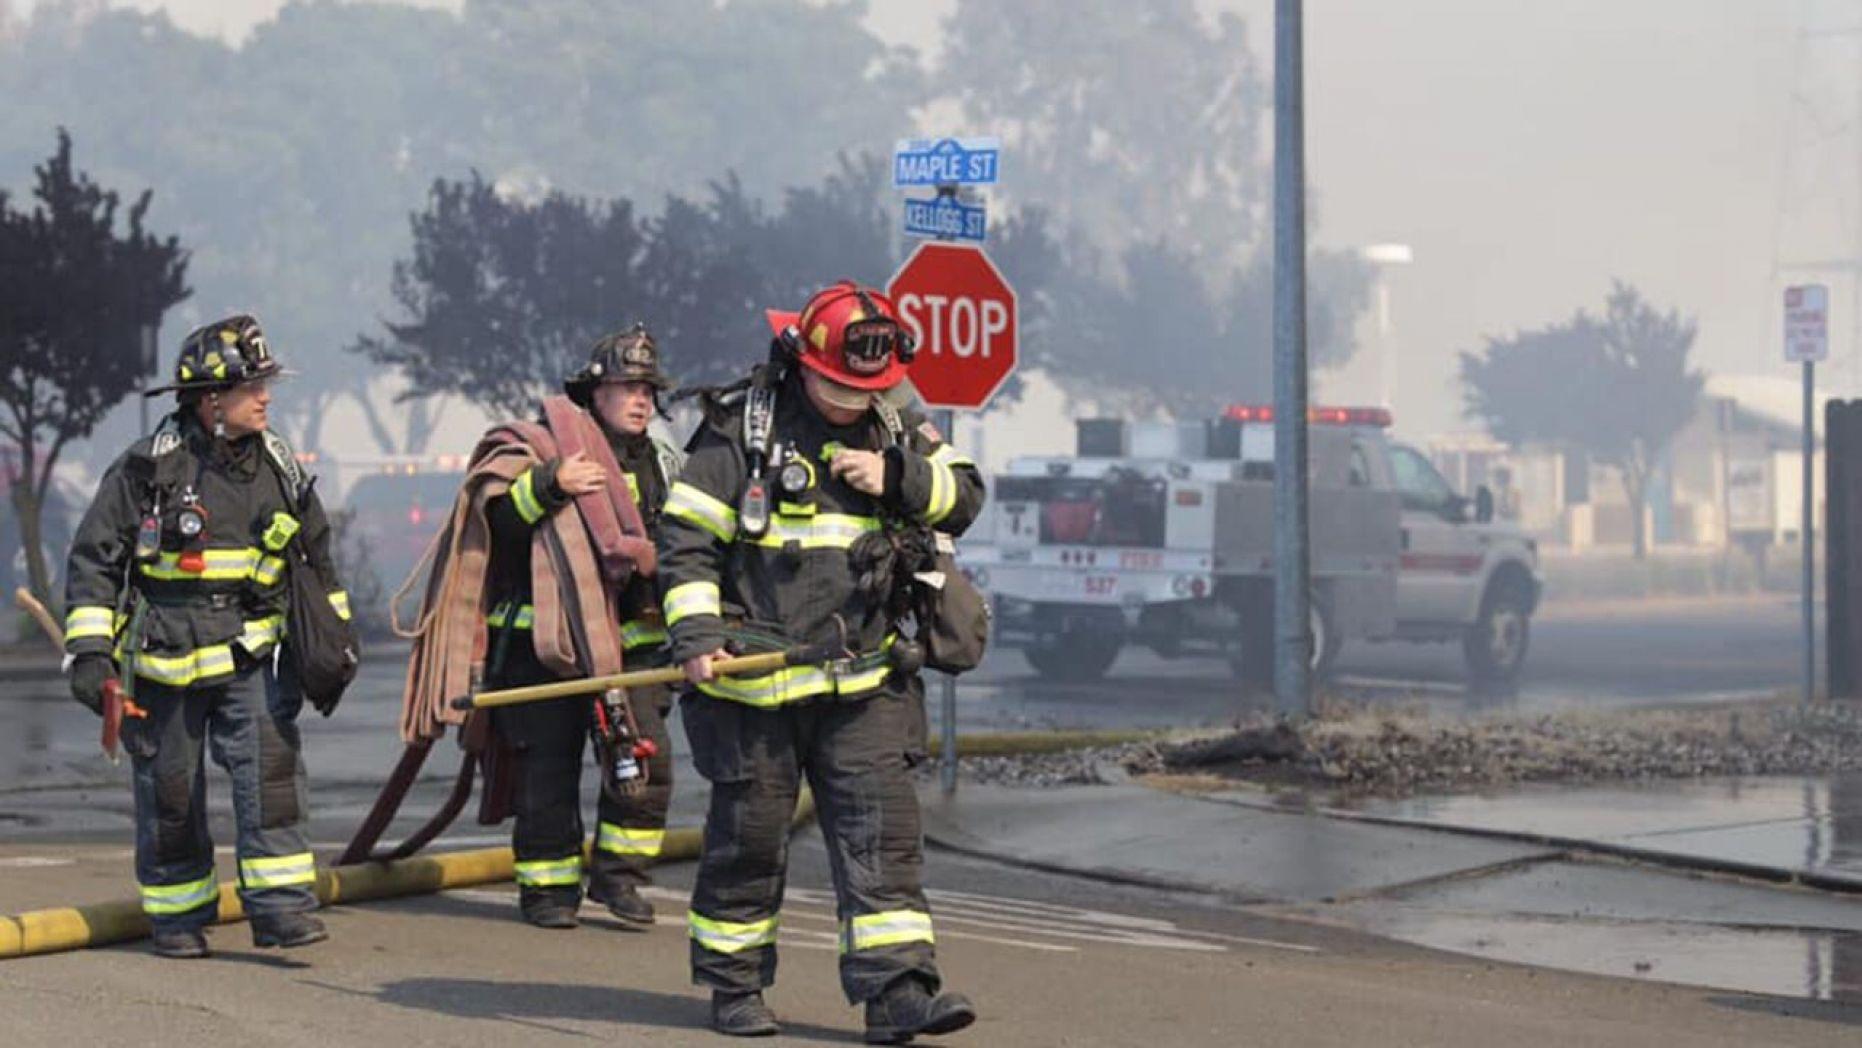 Lính cứu hỏa đang chiến đấu để cứu tài sản của người dân (Suisun City Police Department)